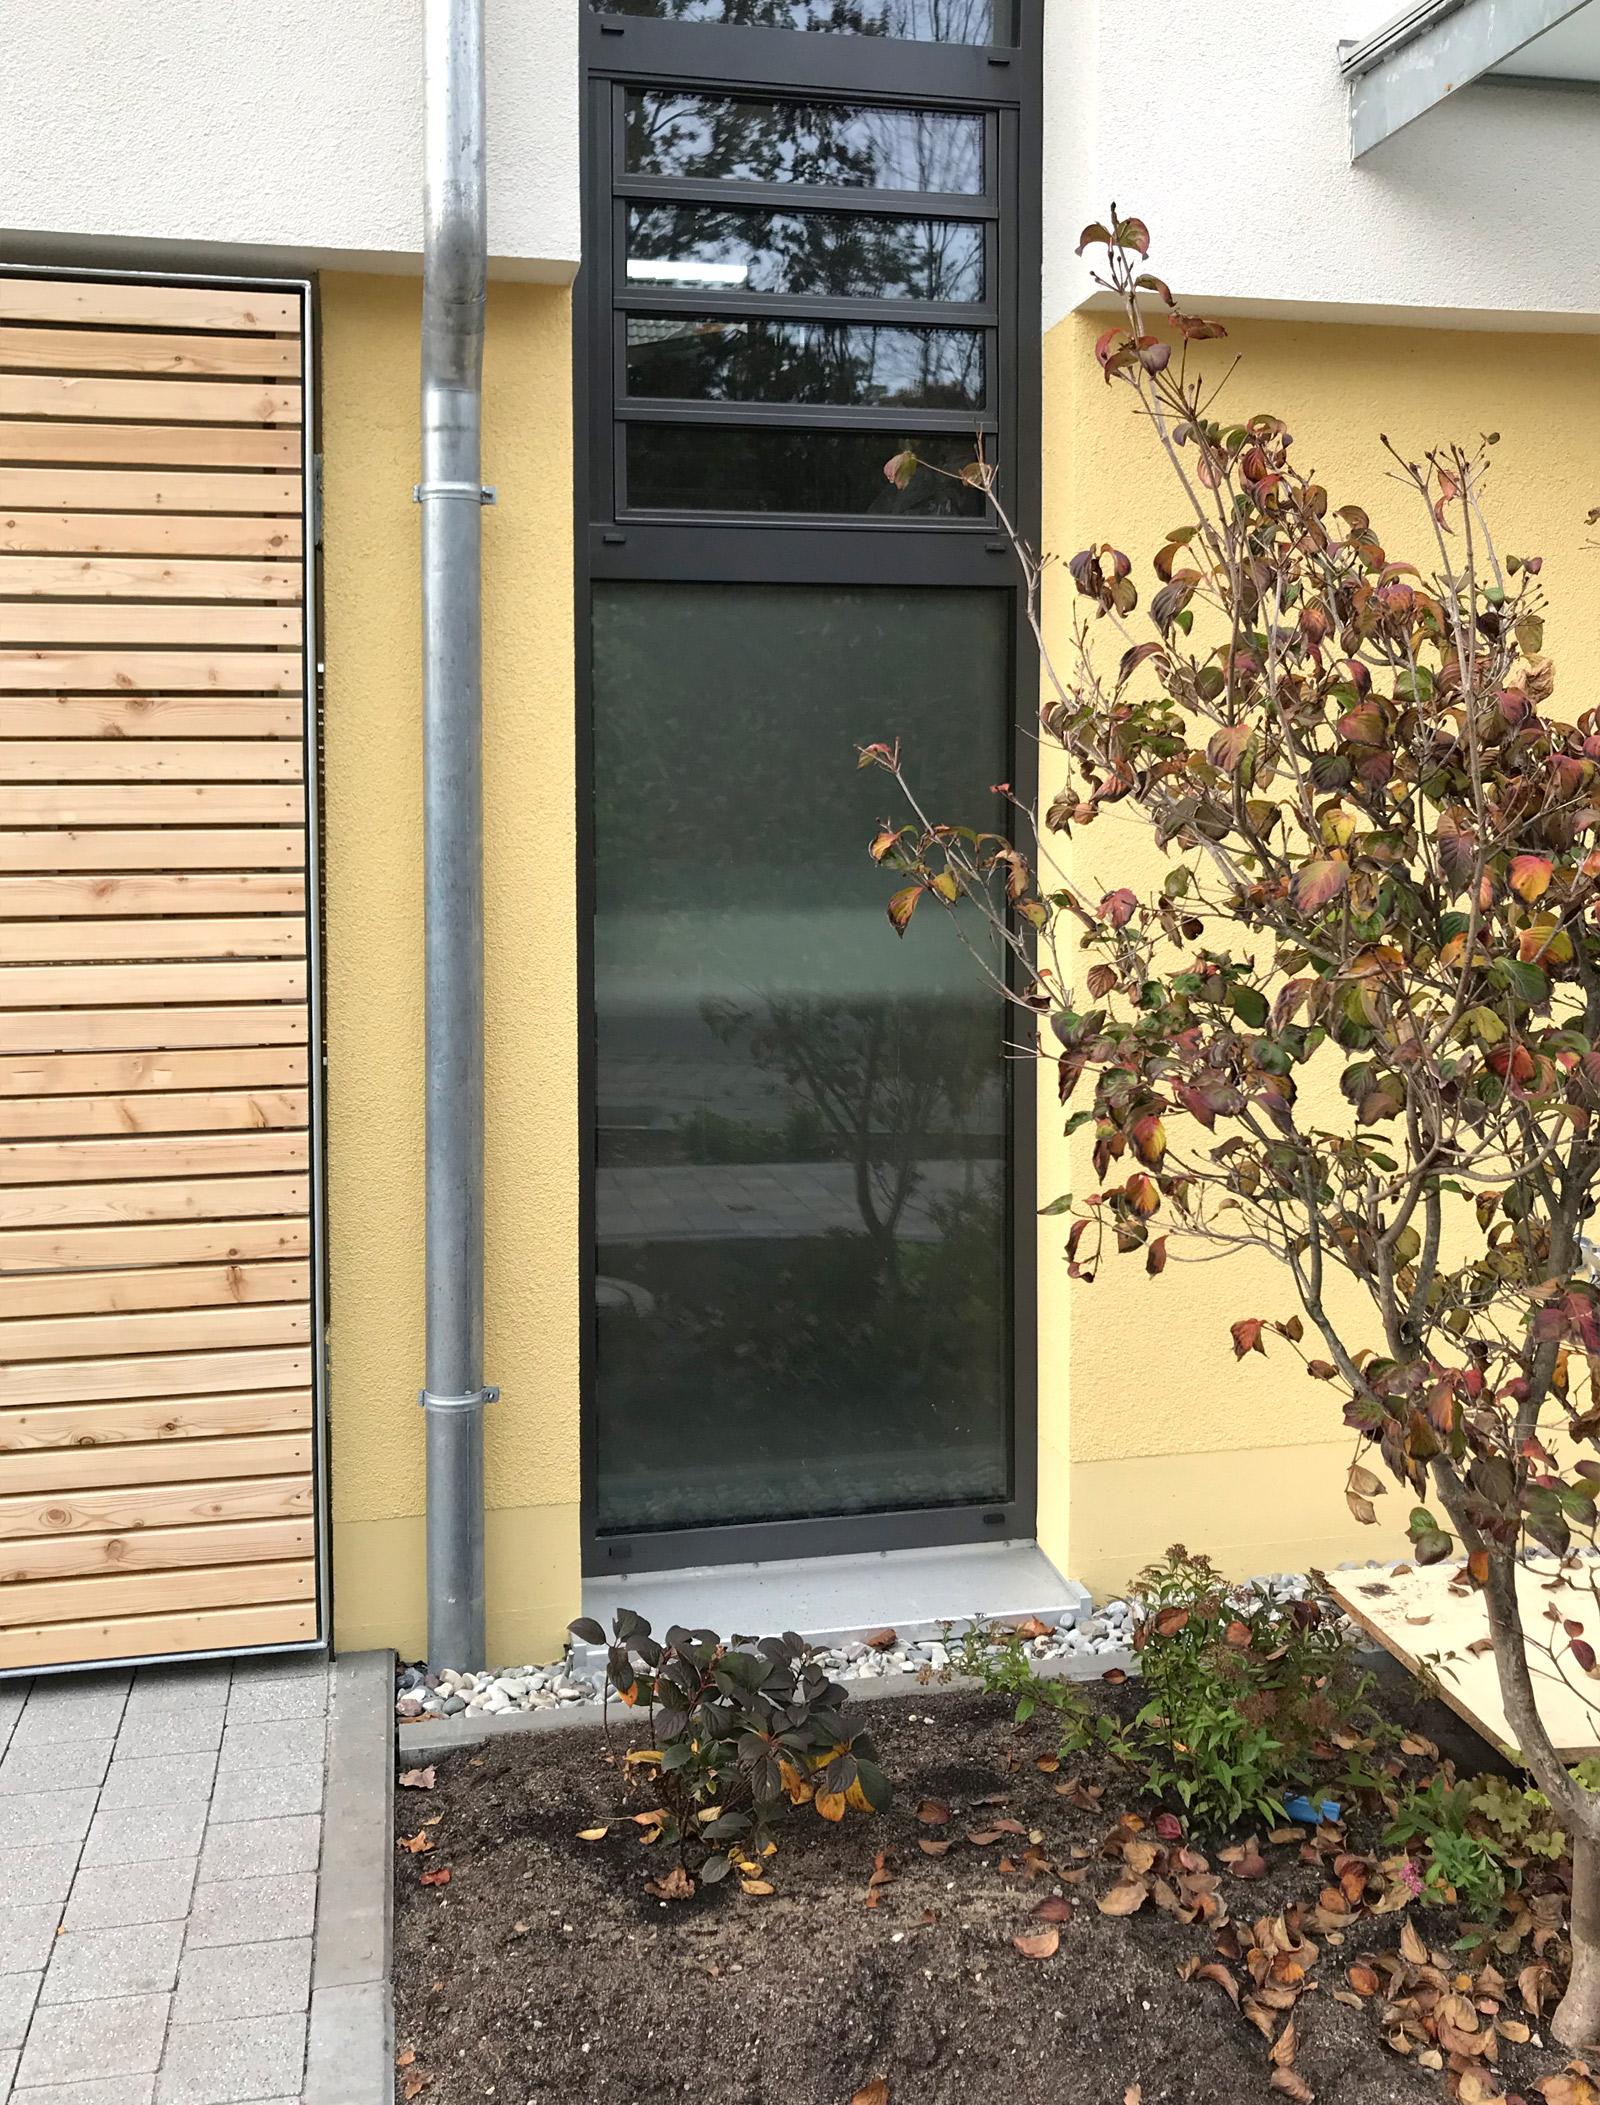 Hohes Fenster mit schwarzem Rahmen, dass von innen mit Glasdekorfolie beklebt ist und als Sichtschutz dient